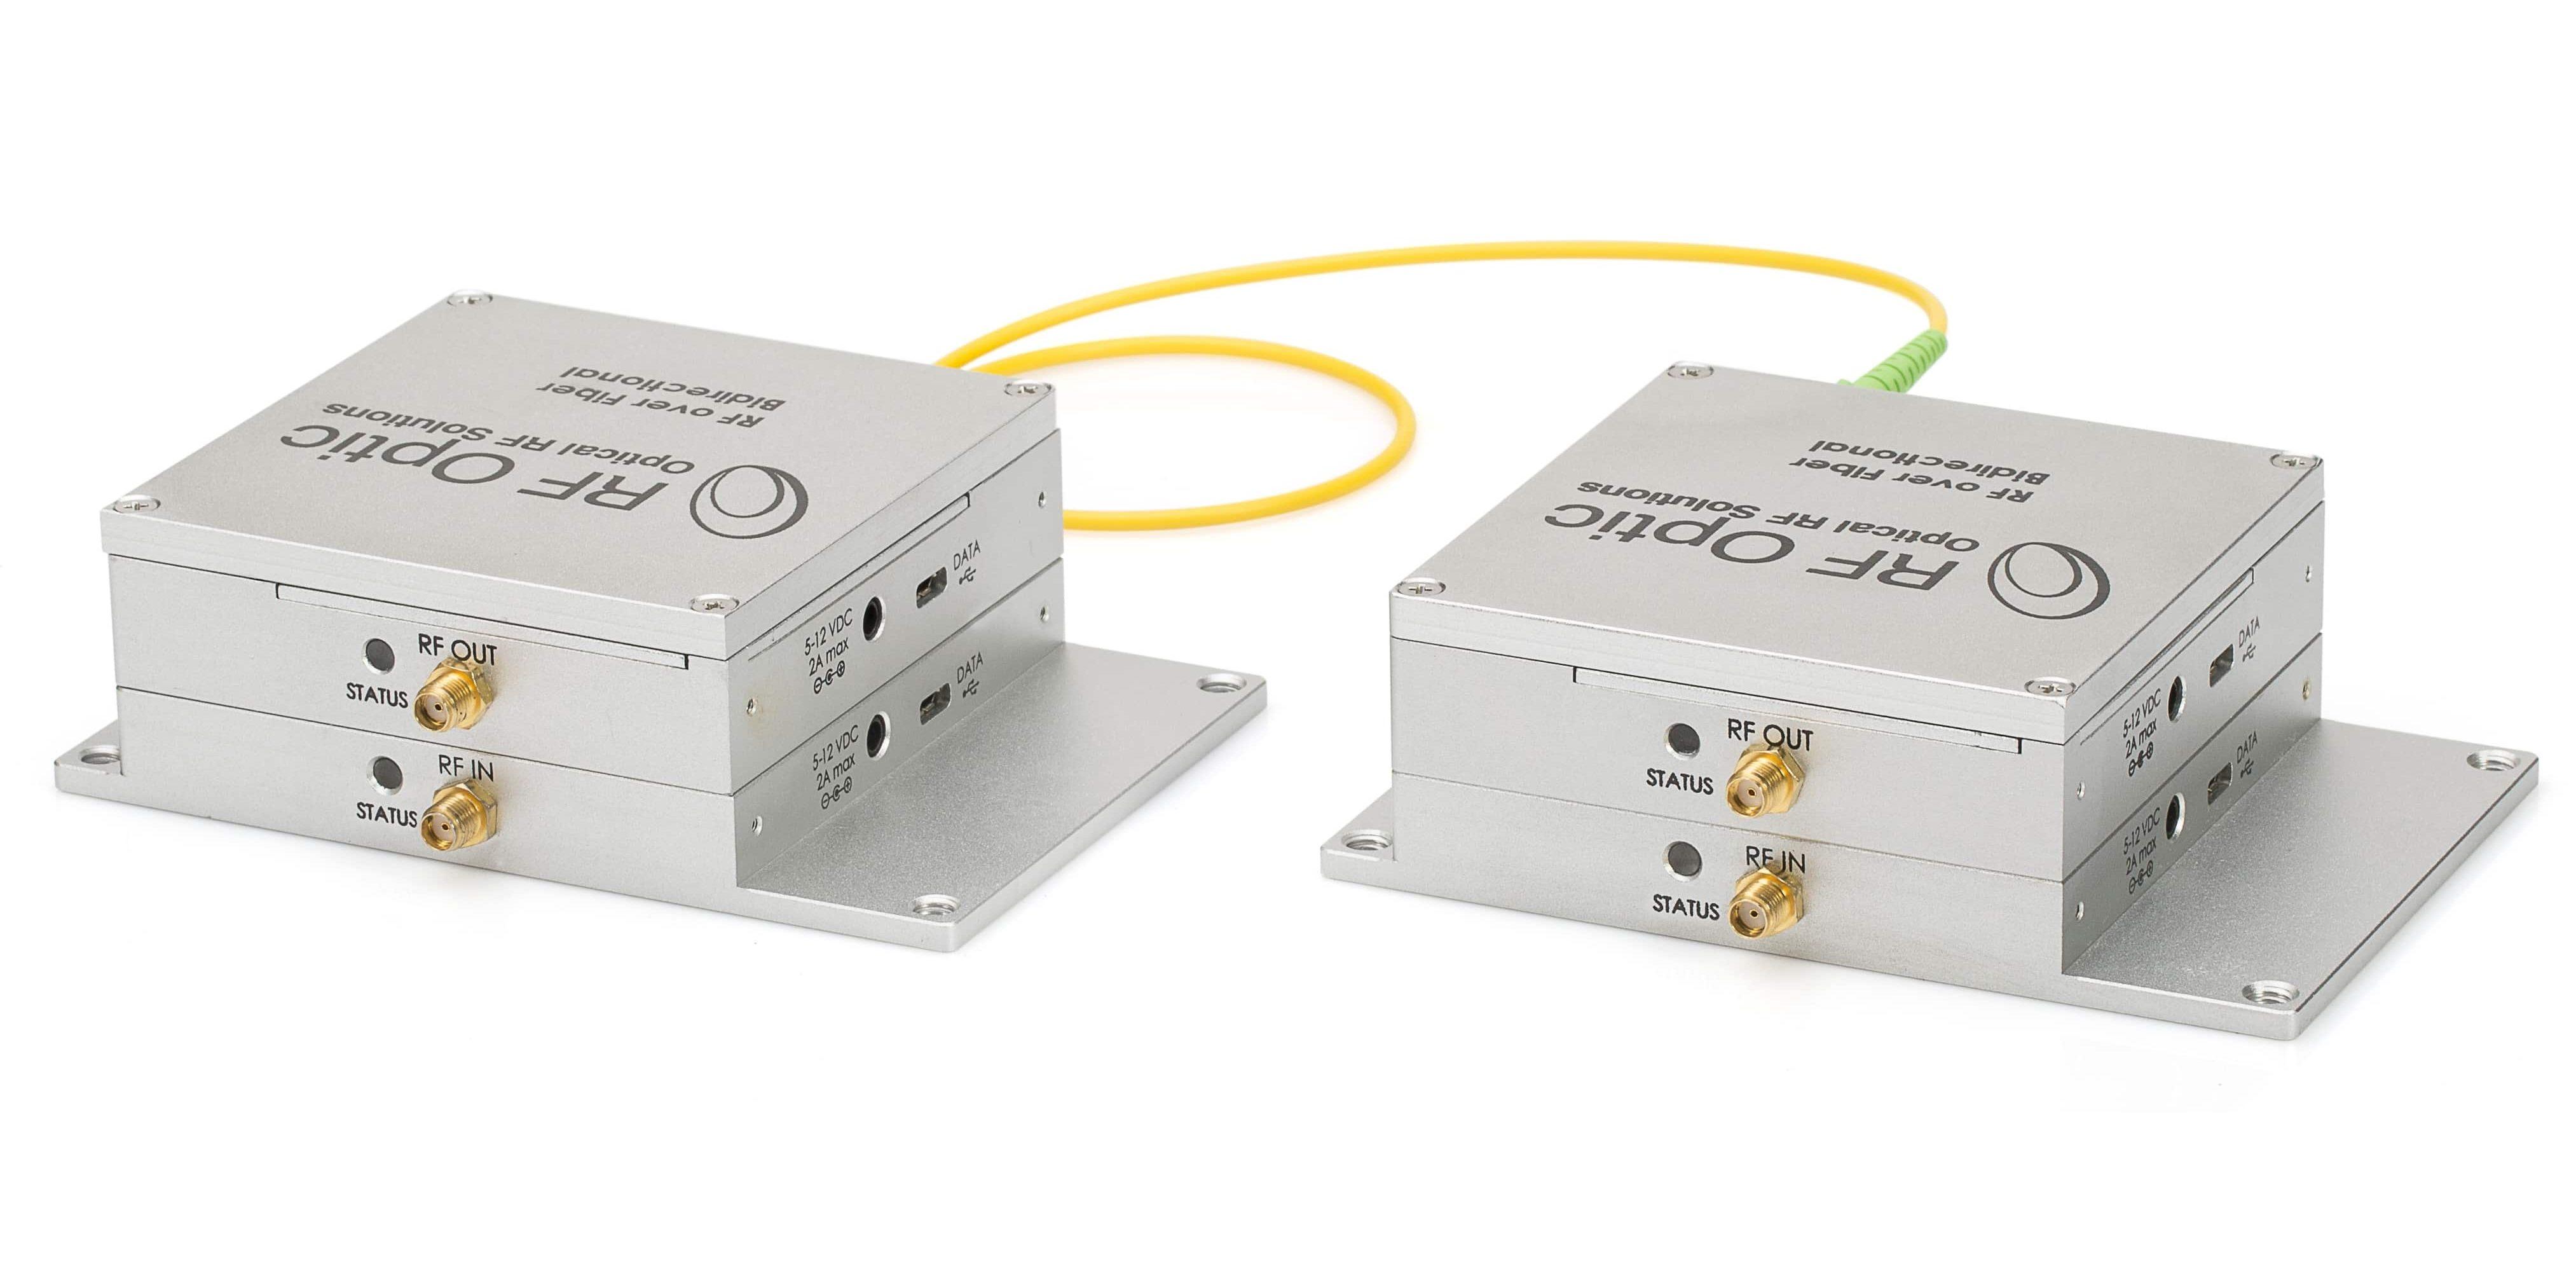 Programmable RFoF units – Bidirectional